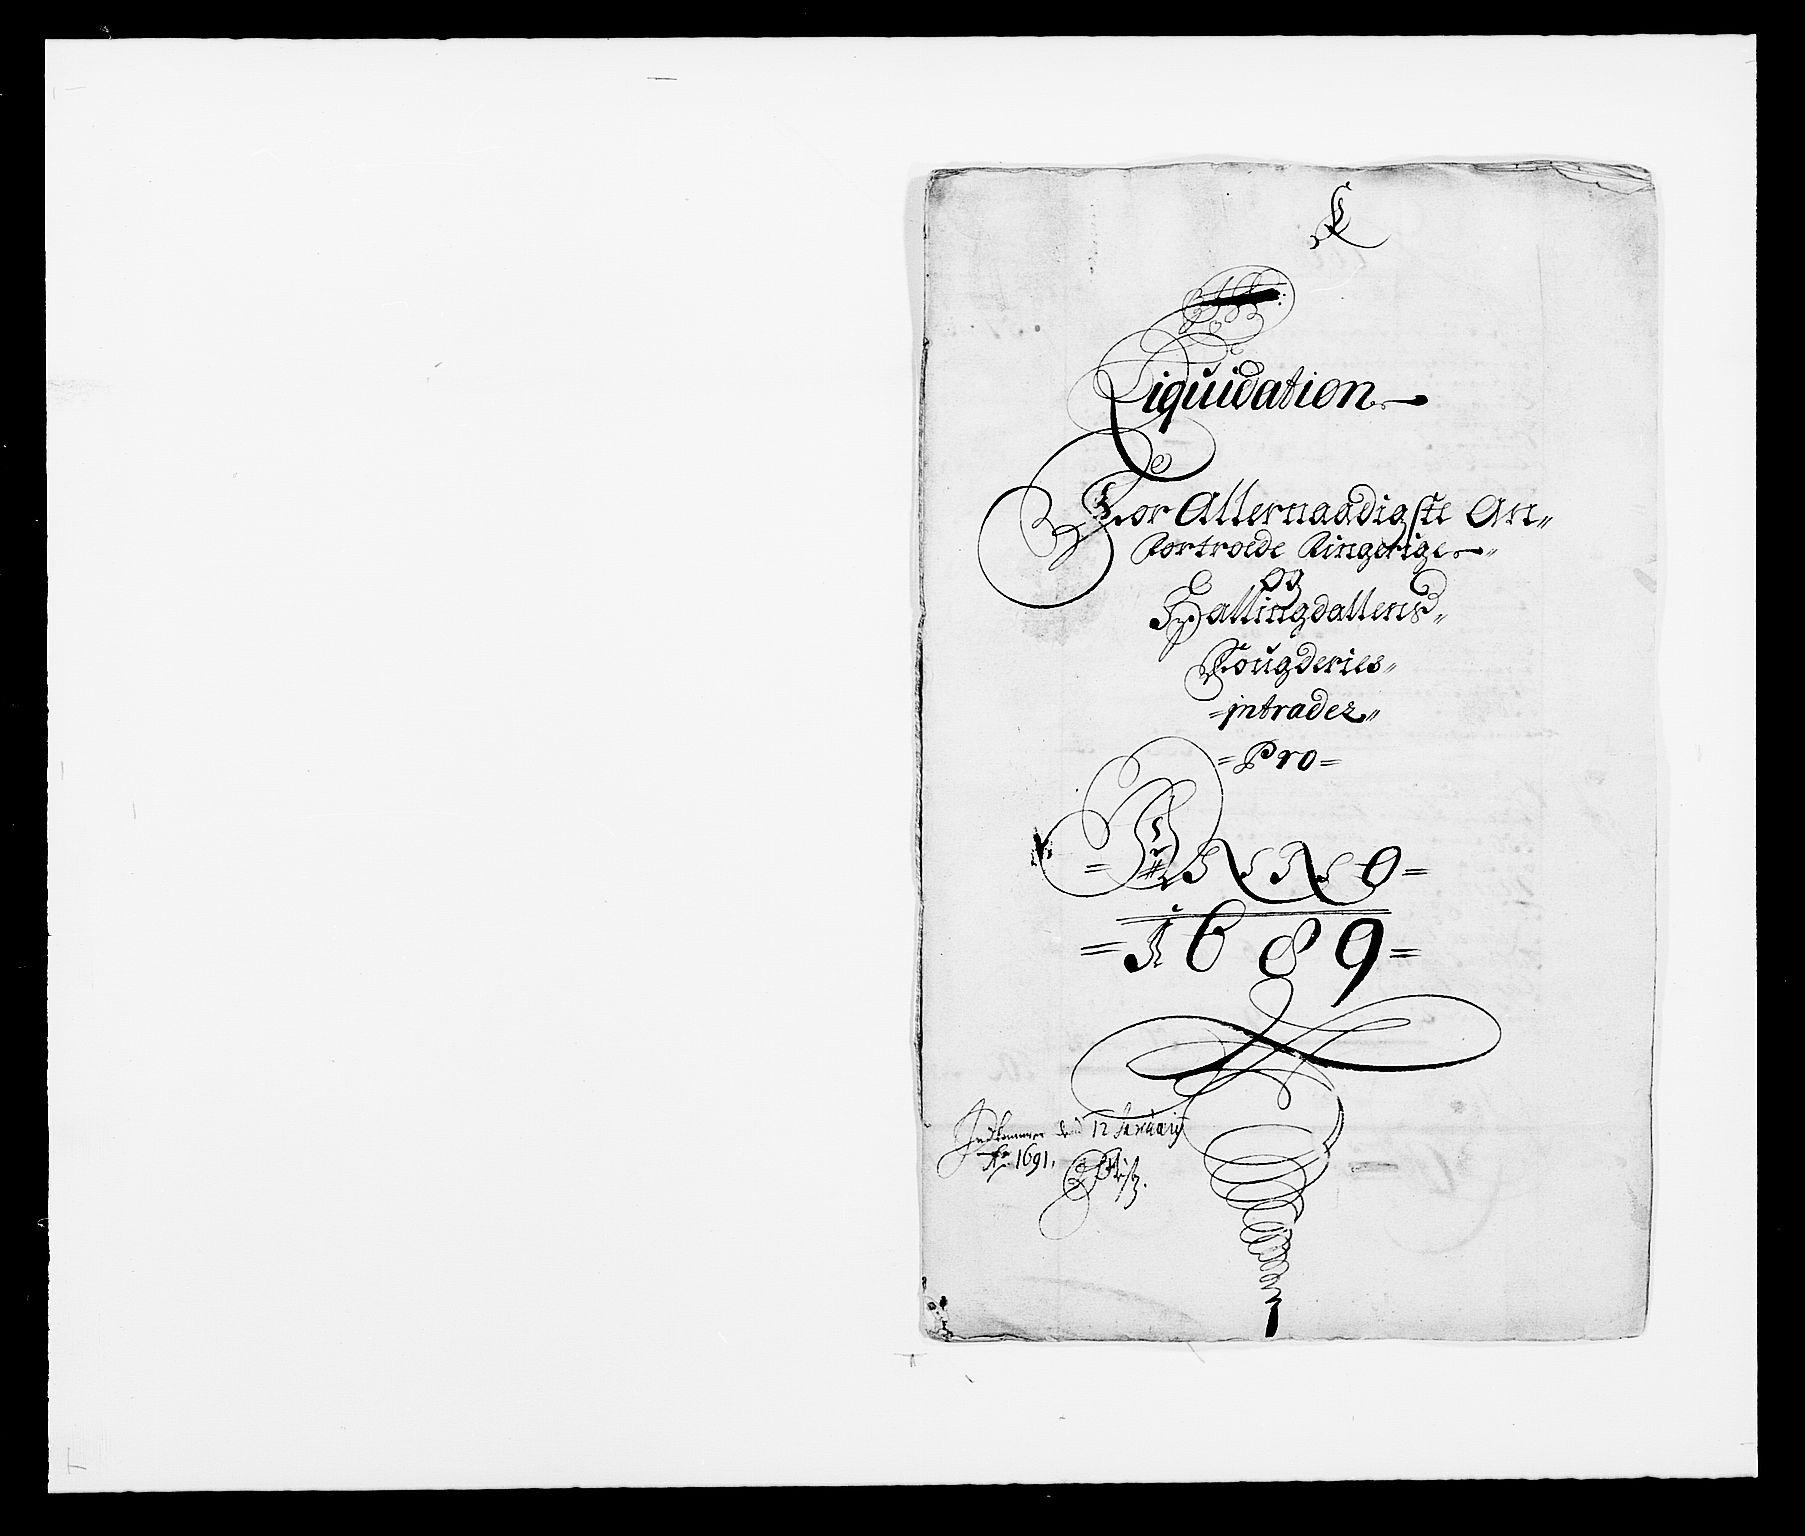 RA, Rentekammeret inntil 1814, Reviderte regnskaper, Fogderegnskap, R21/L1447: Fogderegnskap Ringerike og Hallingdal, 1687-1689, s. 256